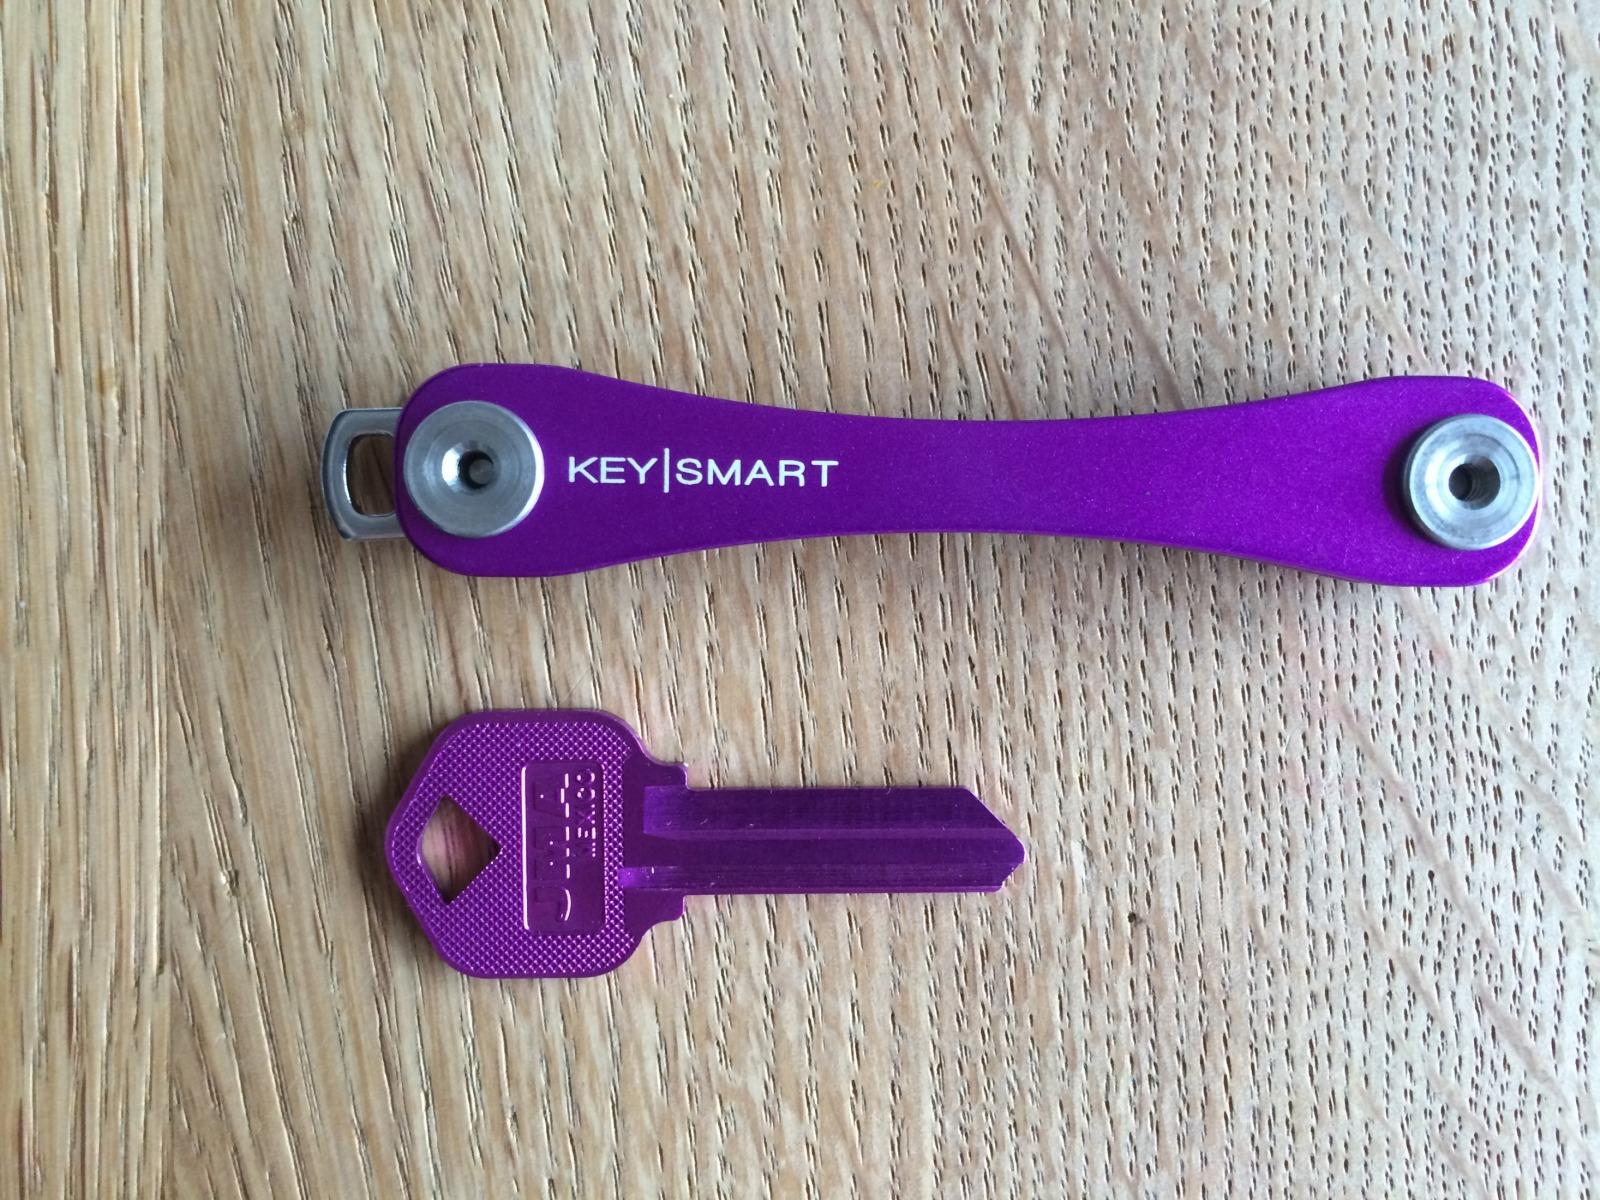 Air-Ersatzschlüssel für den Keysmart - 7